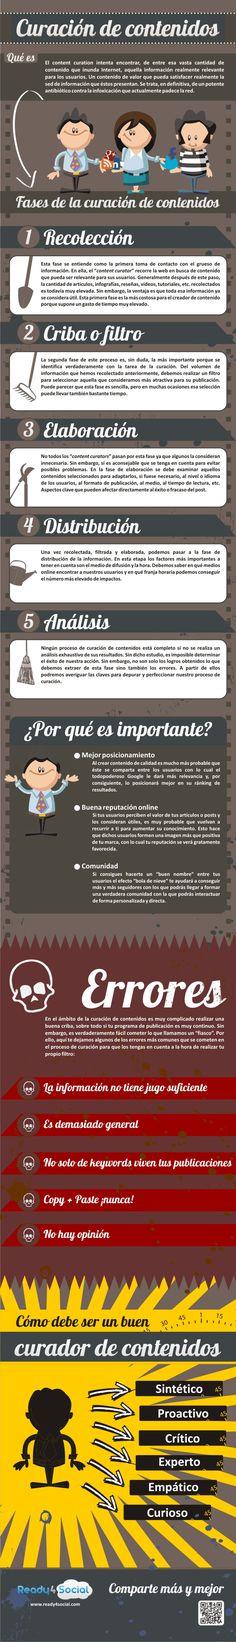 Curación de contenidos. #Infografía en español